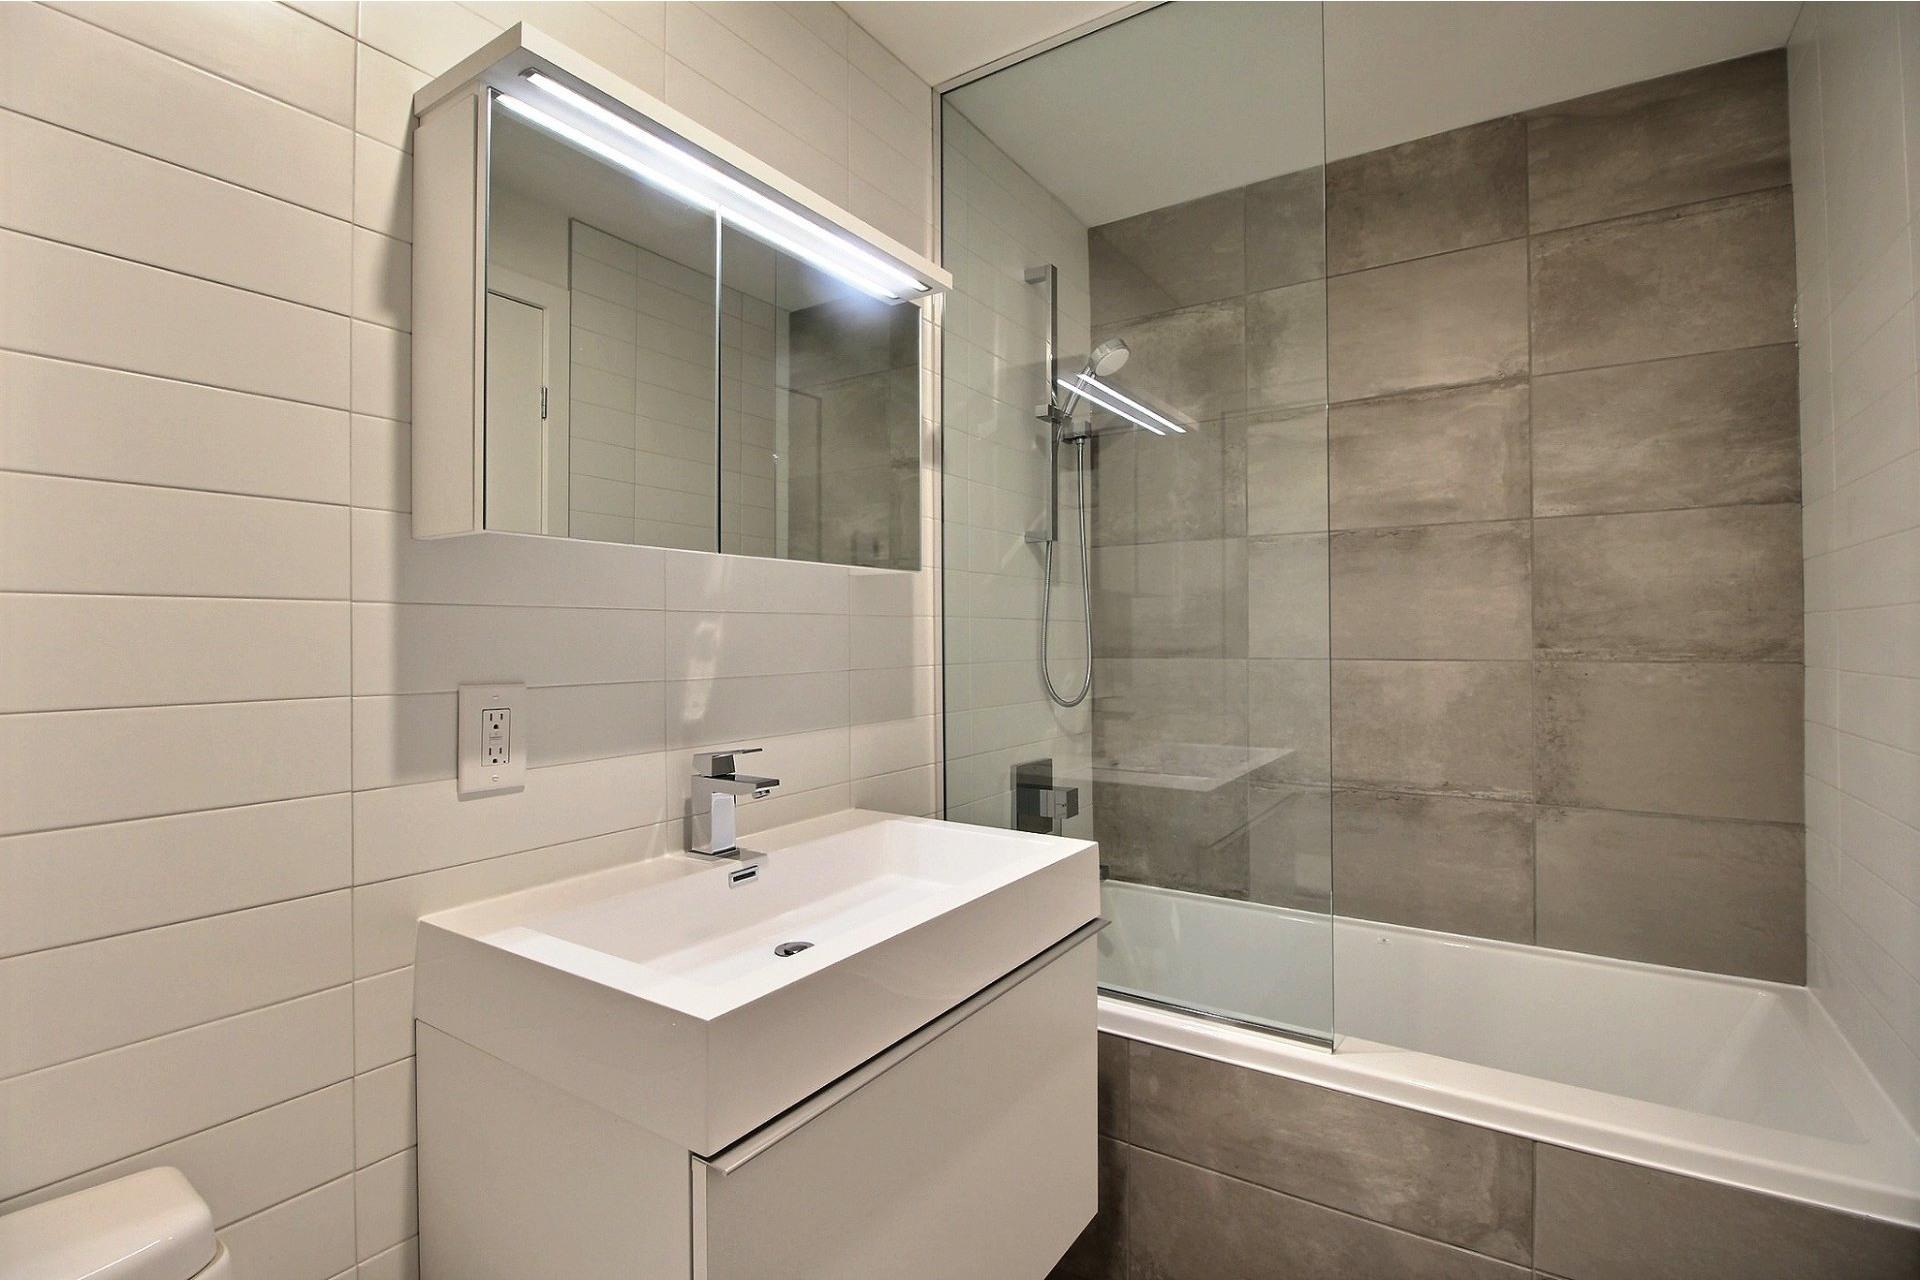 image 9 - Apartment For rent Montréal Le Sud-Ouest  - 4 rooms